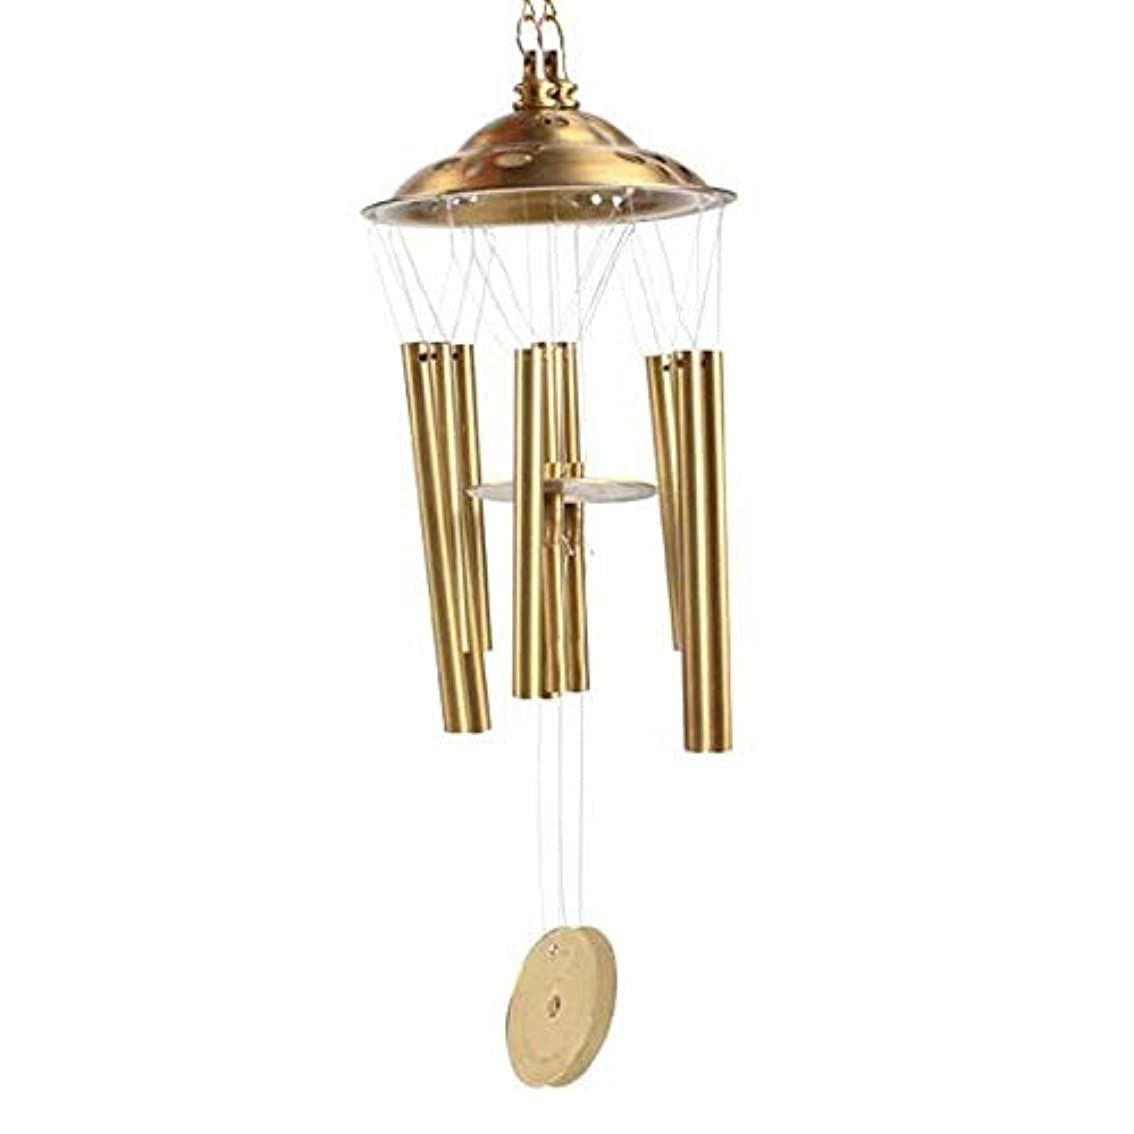 エジプト節約逃すFengshangshanghang 風チャイム、銅6チューブ風チャイム、ゴールド、全身約2.5インチ,家の装飾 (Size : 3 inches)